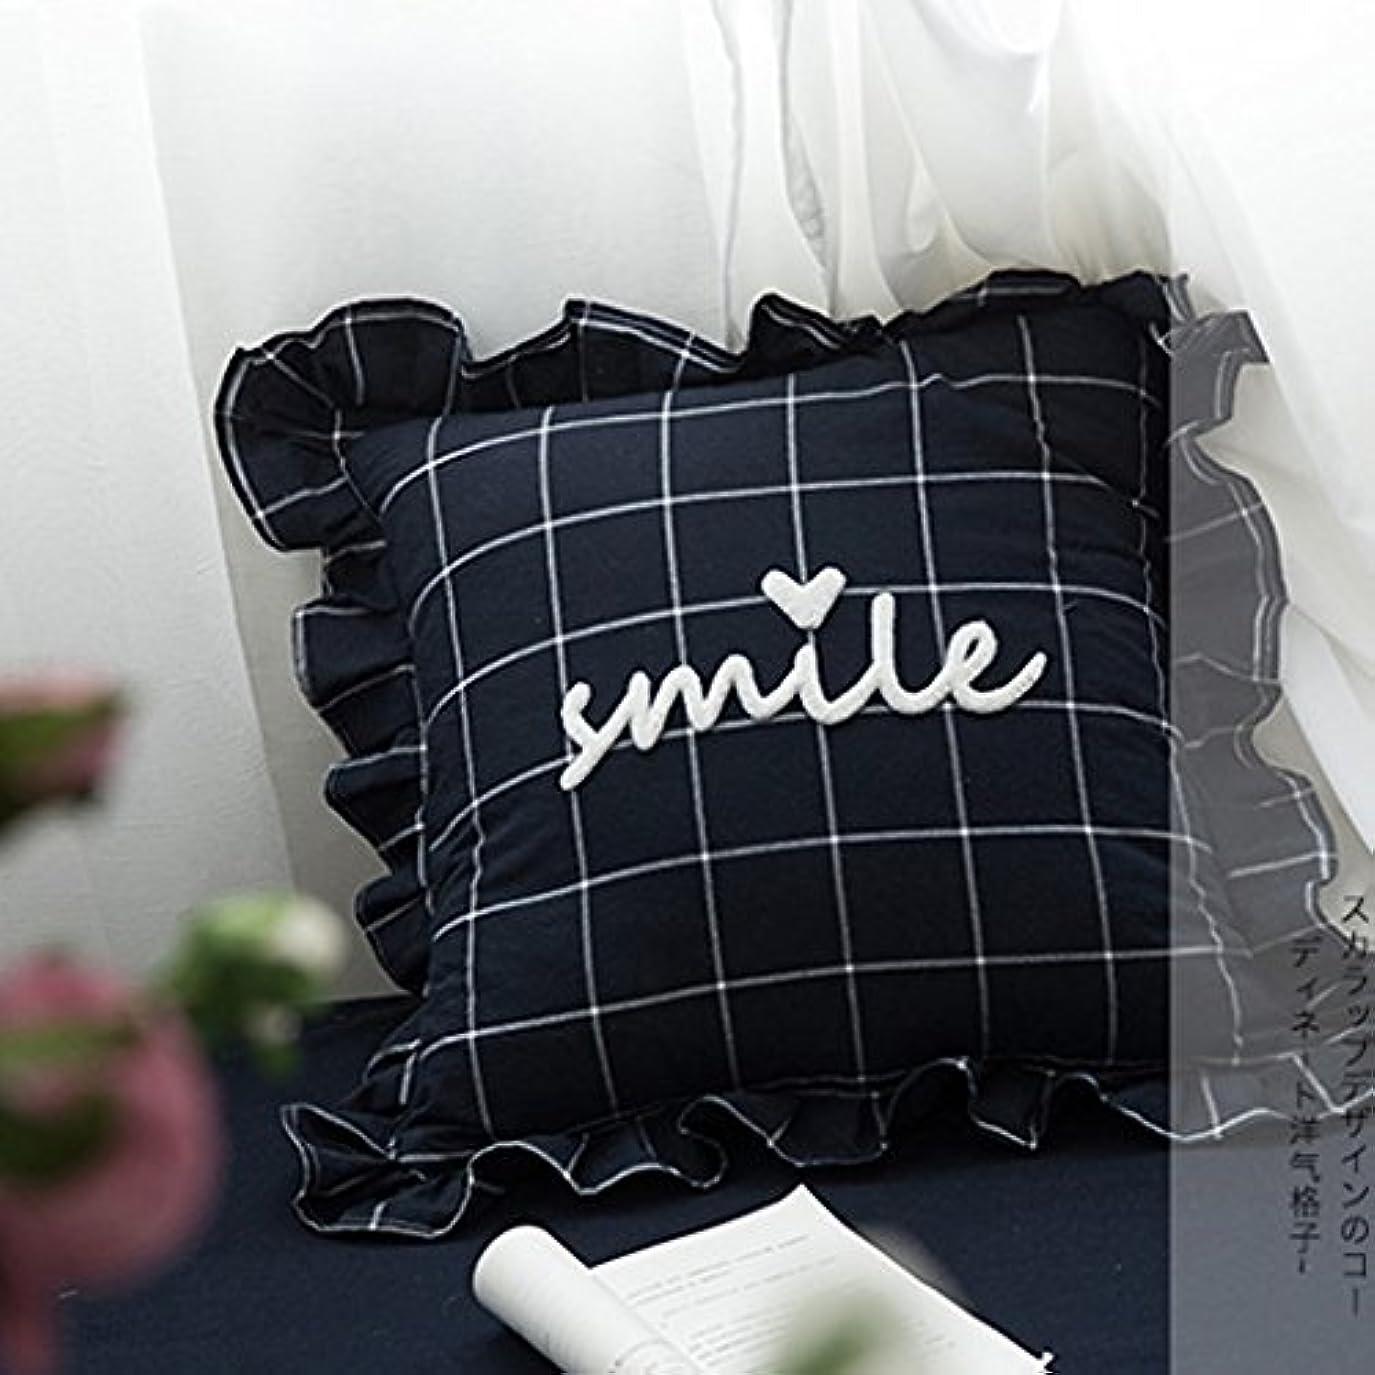 気を散らす貫通する列車ソファーベッドの家の装飾のための古典的な格子縞の正方形の枕クッション - 青